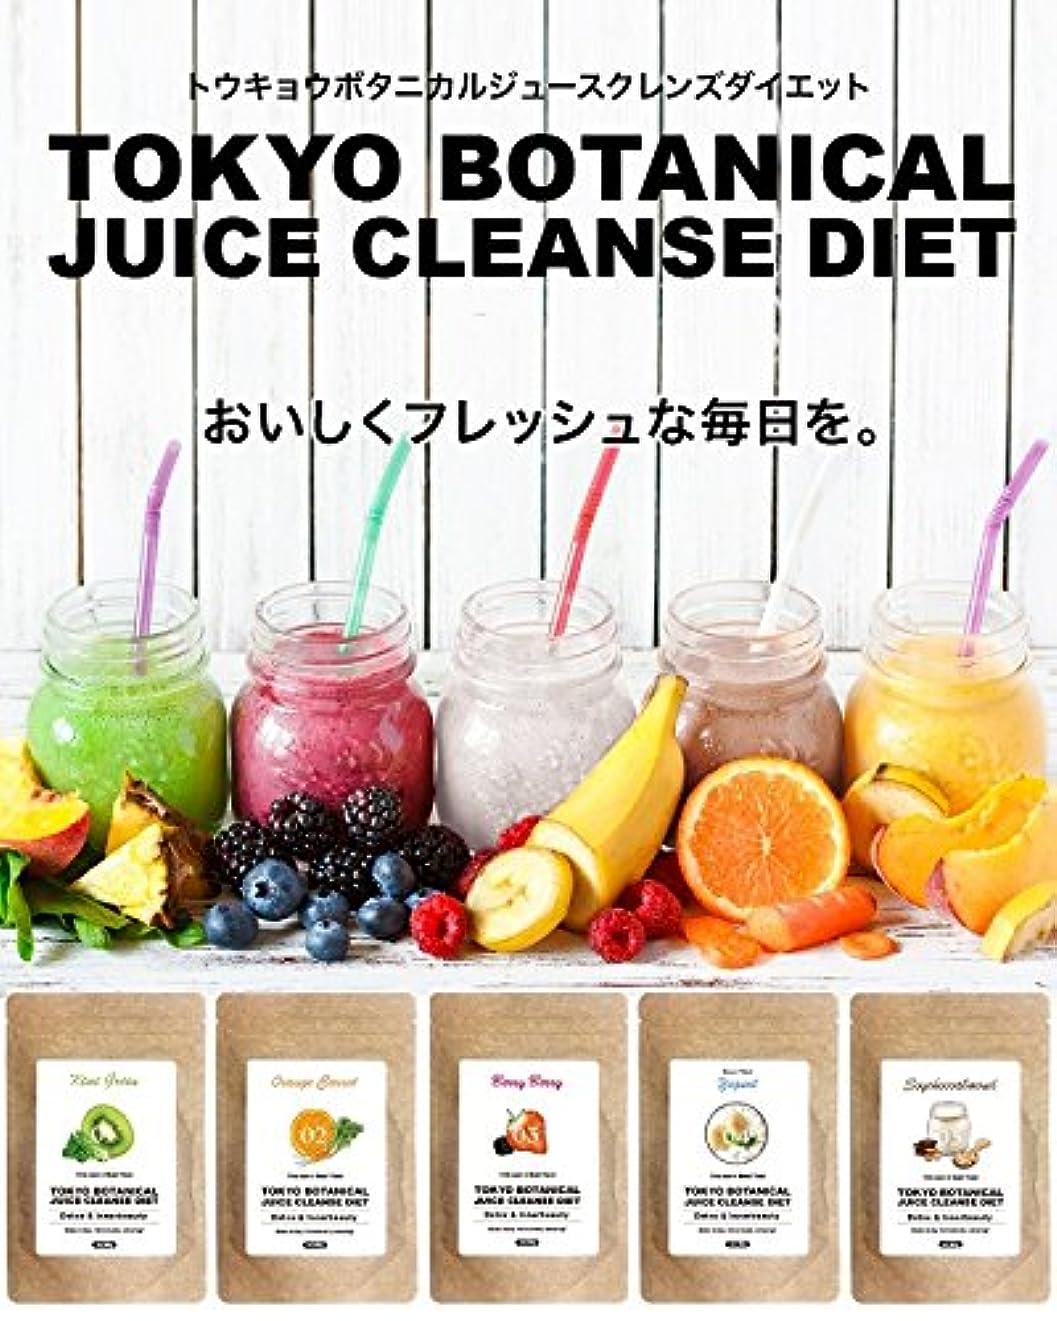 道を作る無知学校教育東京ボタニカルジュースクレンズダイエット  オレンジキャロット&ヨーグルトセット